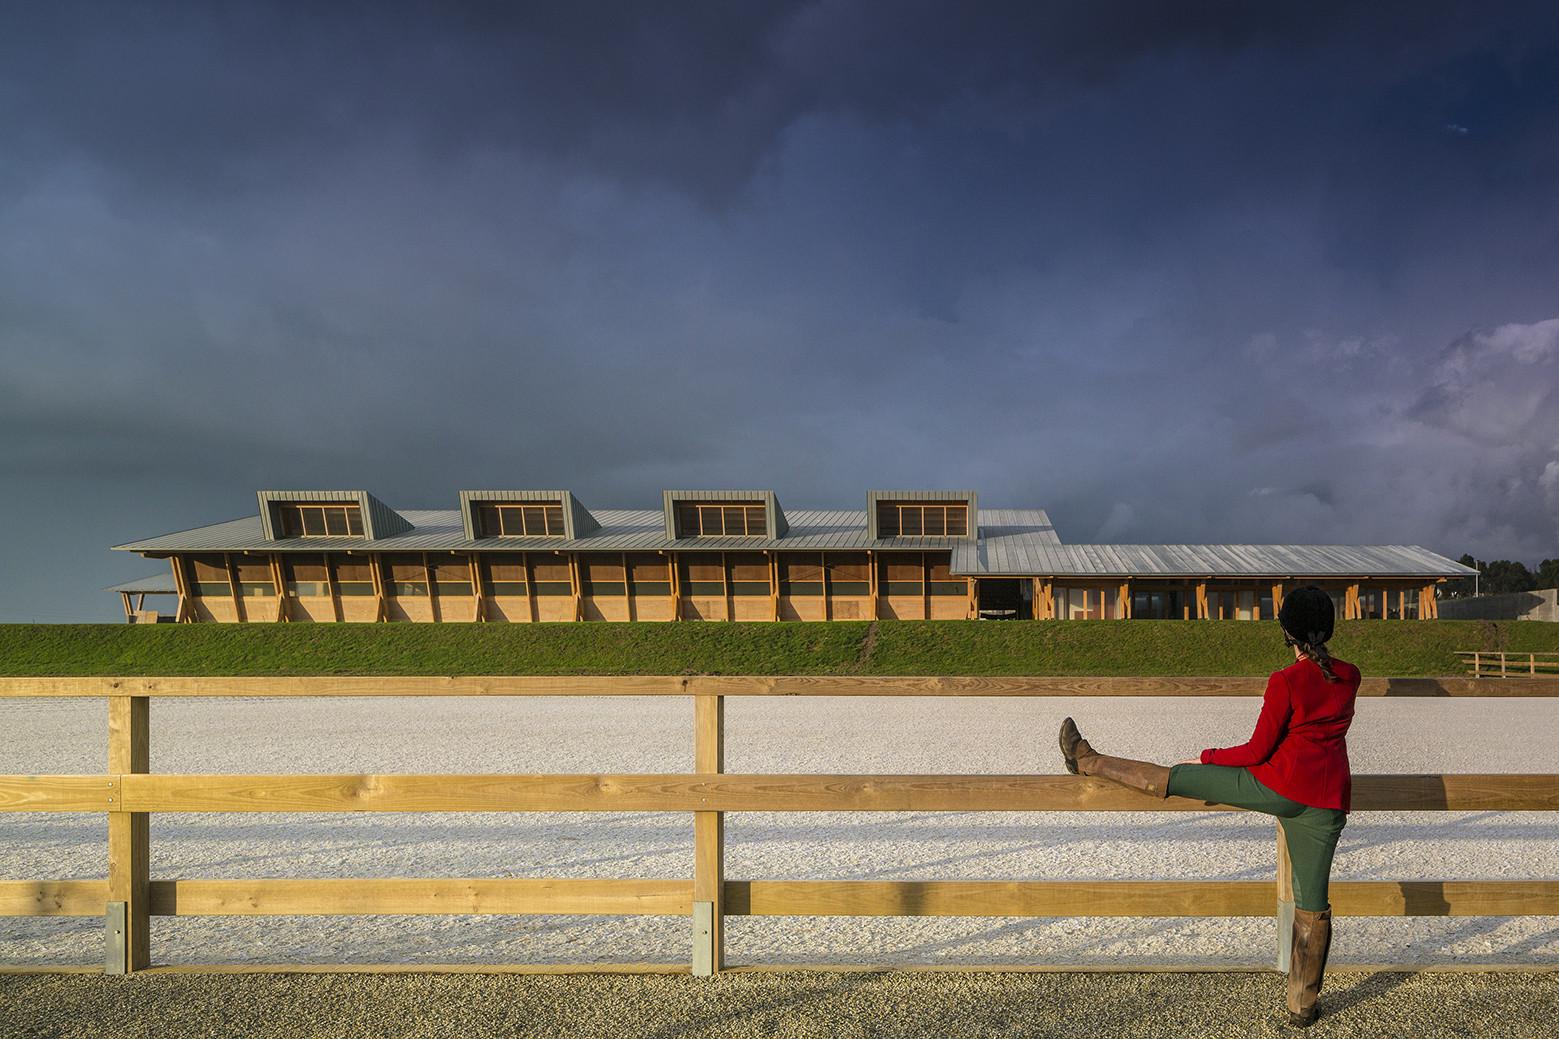 Centro Equestre Leça